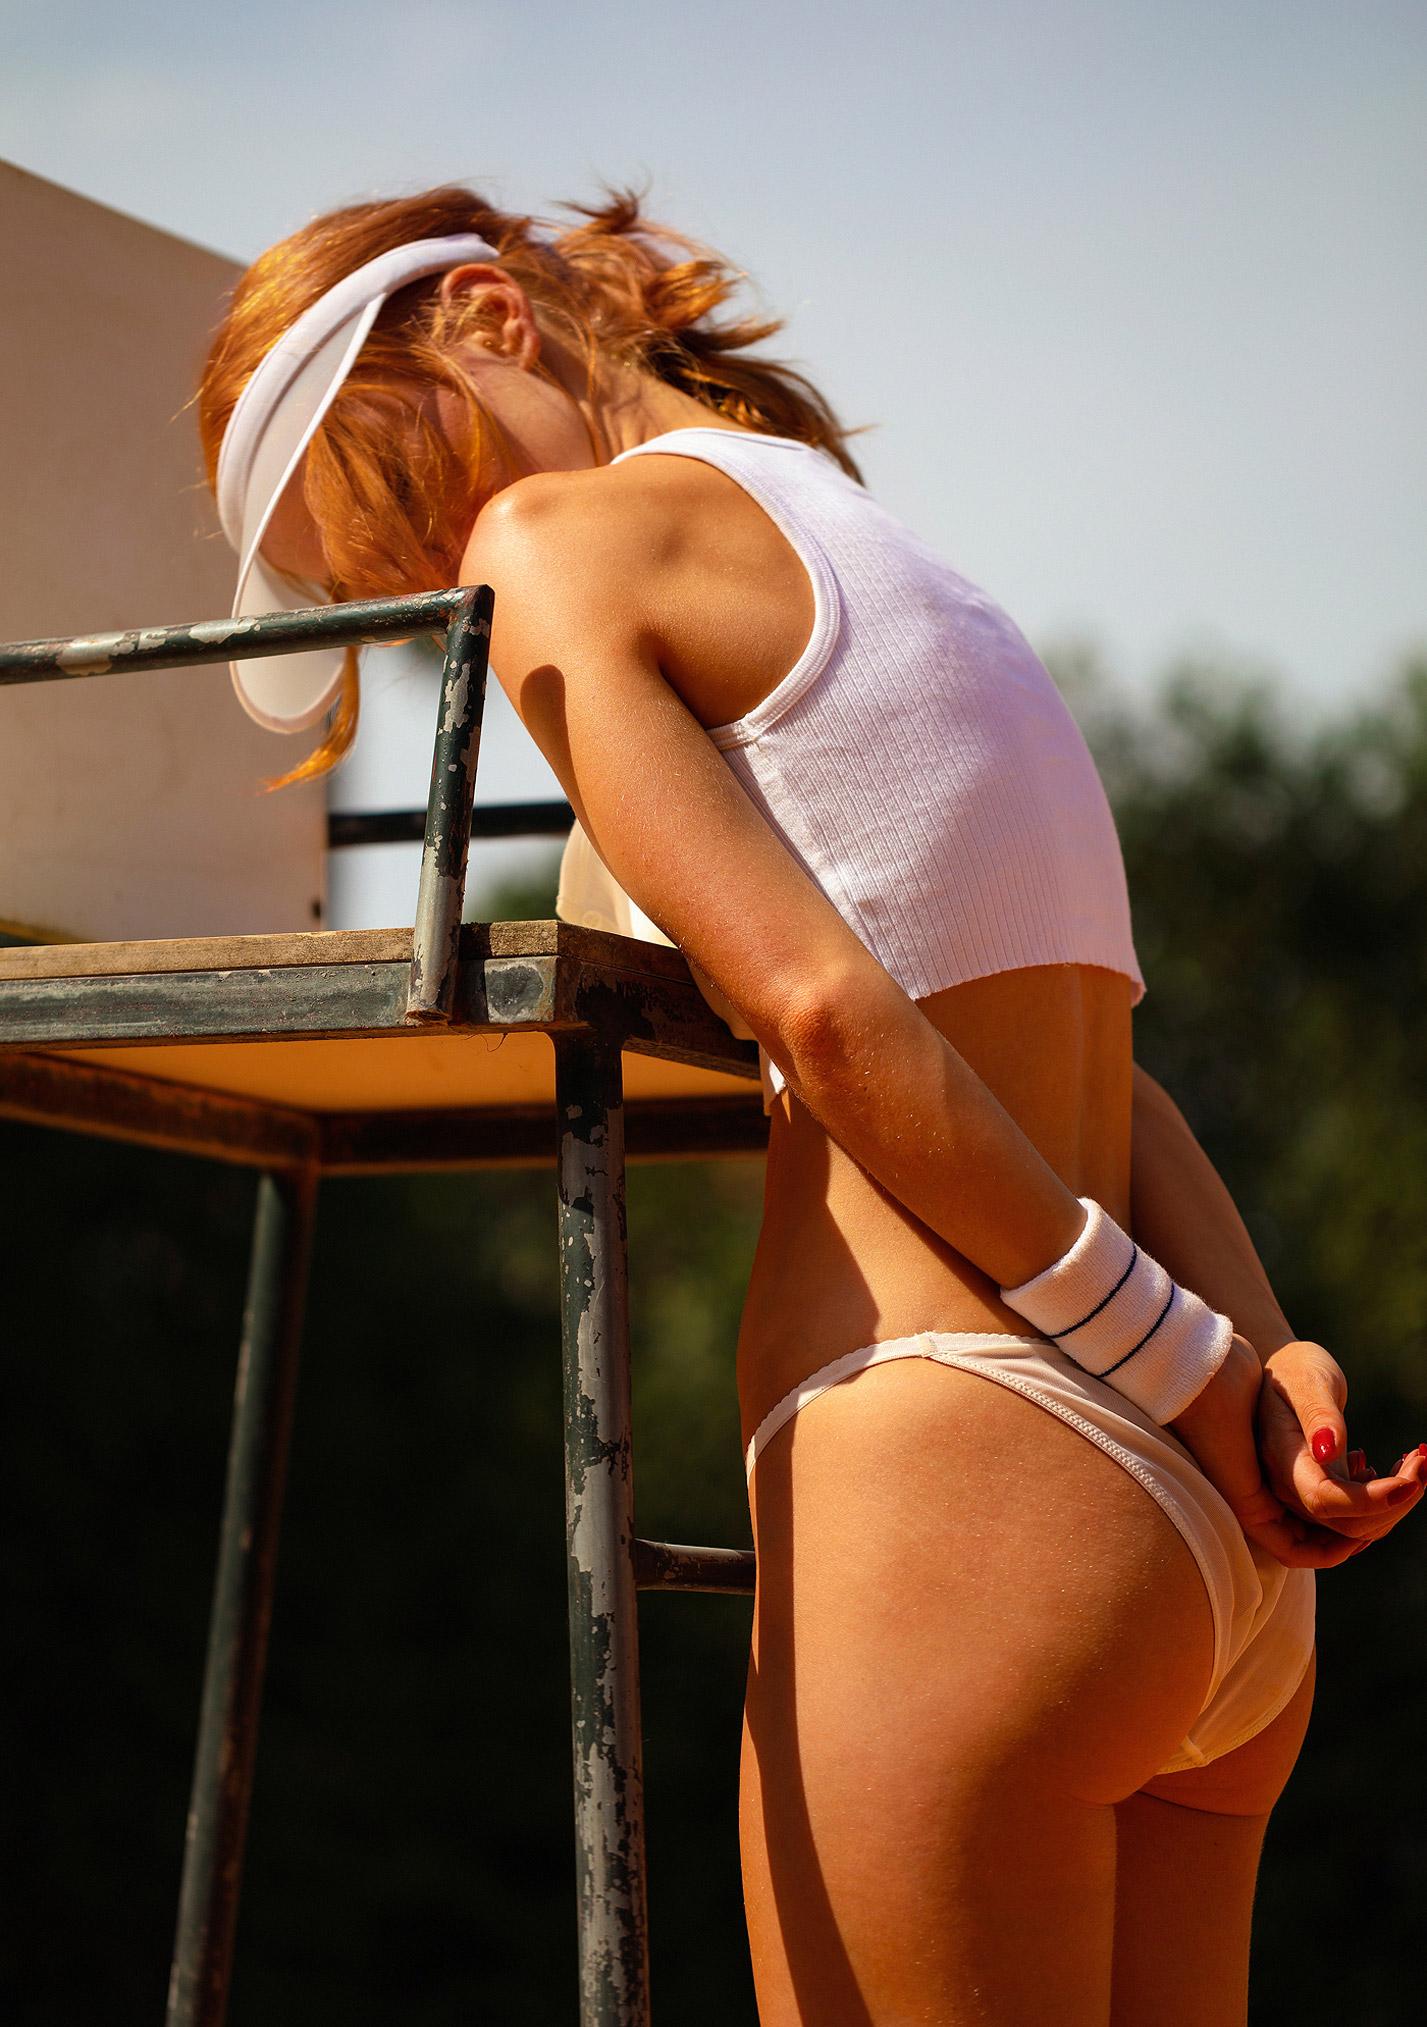 звезда голландского Playboy Свенья ван дер Богарт голая играет в теннис / фото 33